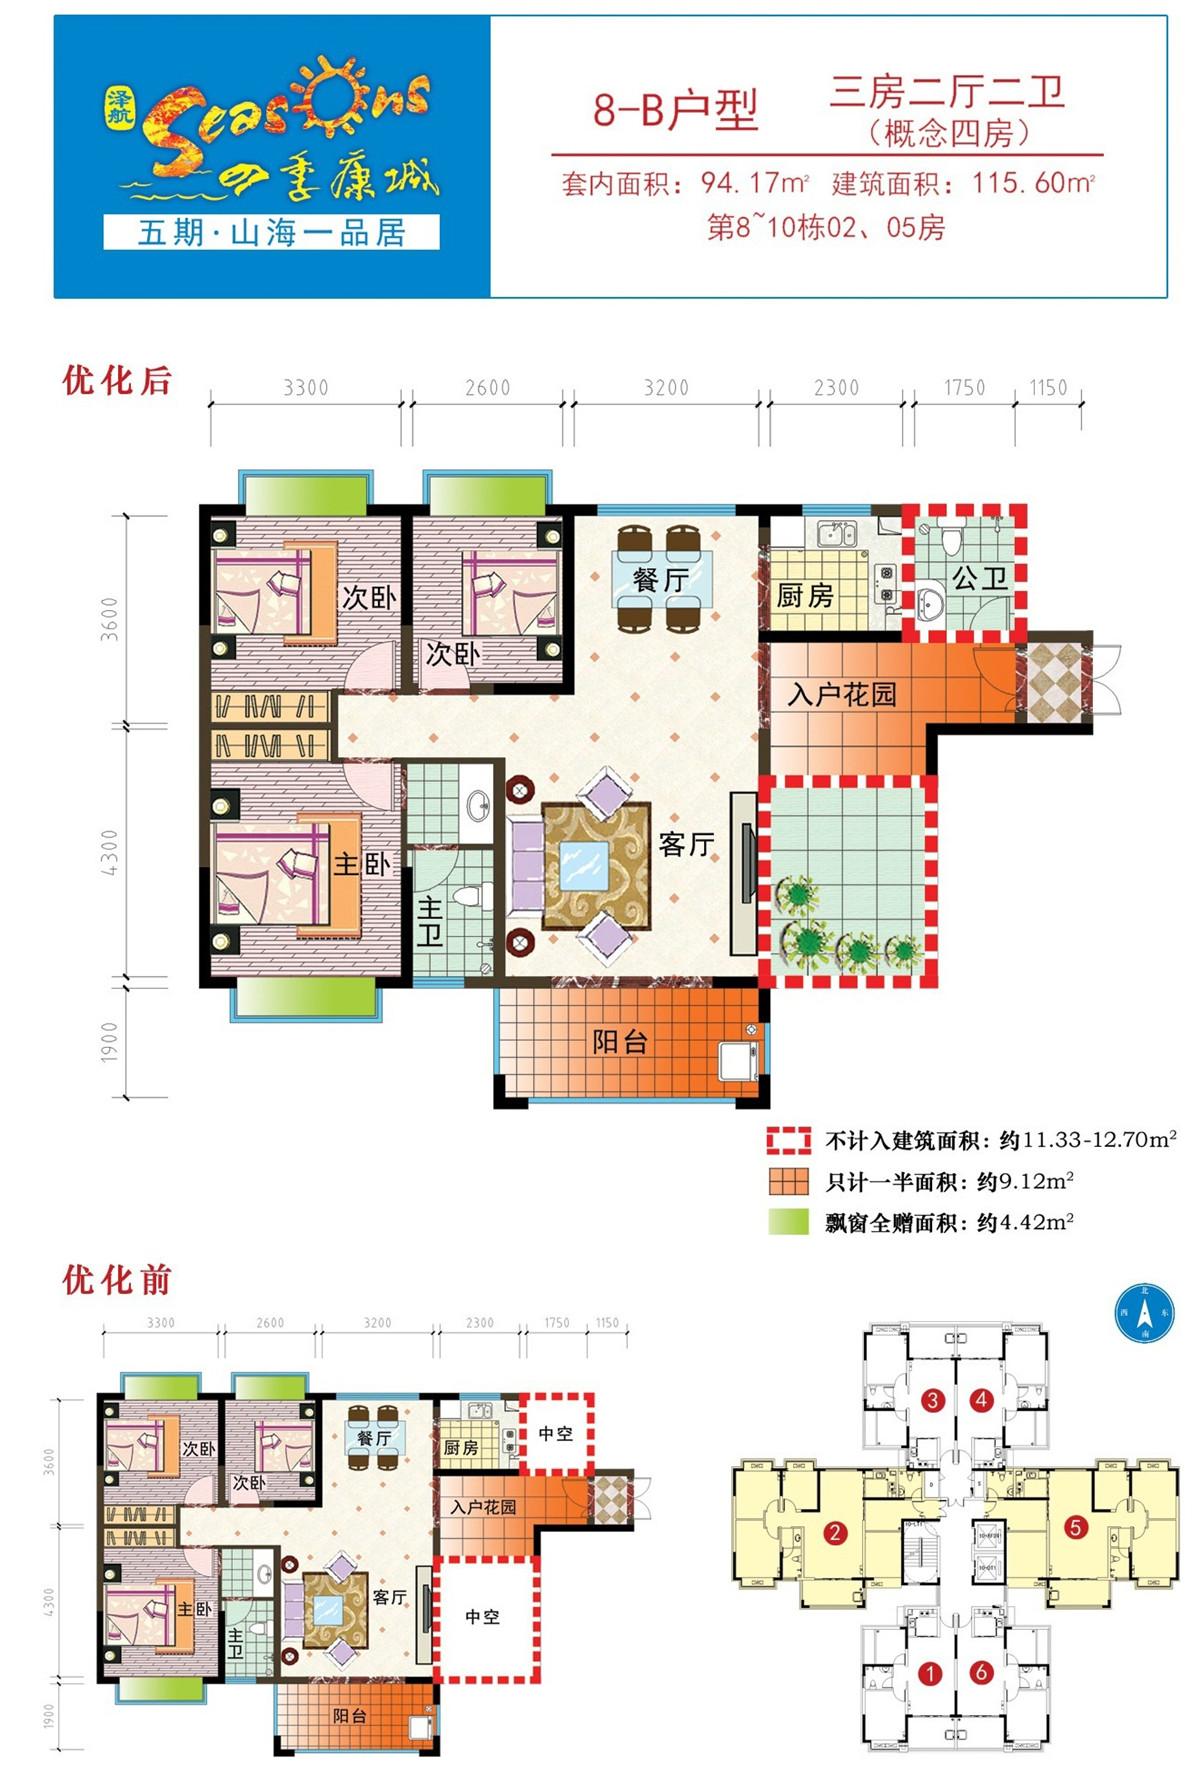 四季康城五期山海一品居8-B户型   三房两厅两卫   建筑面积:115.60平